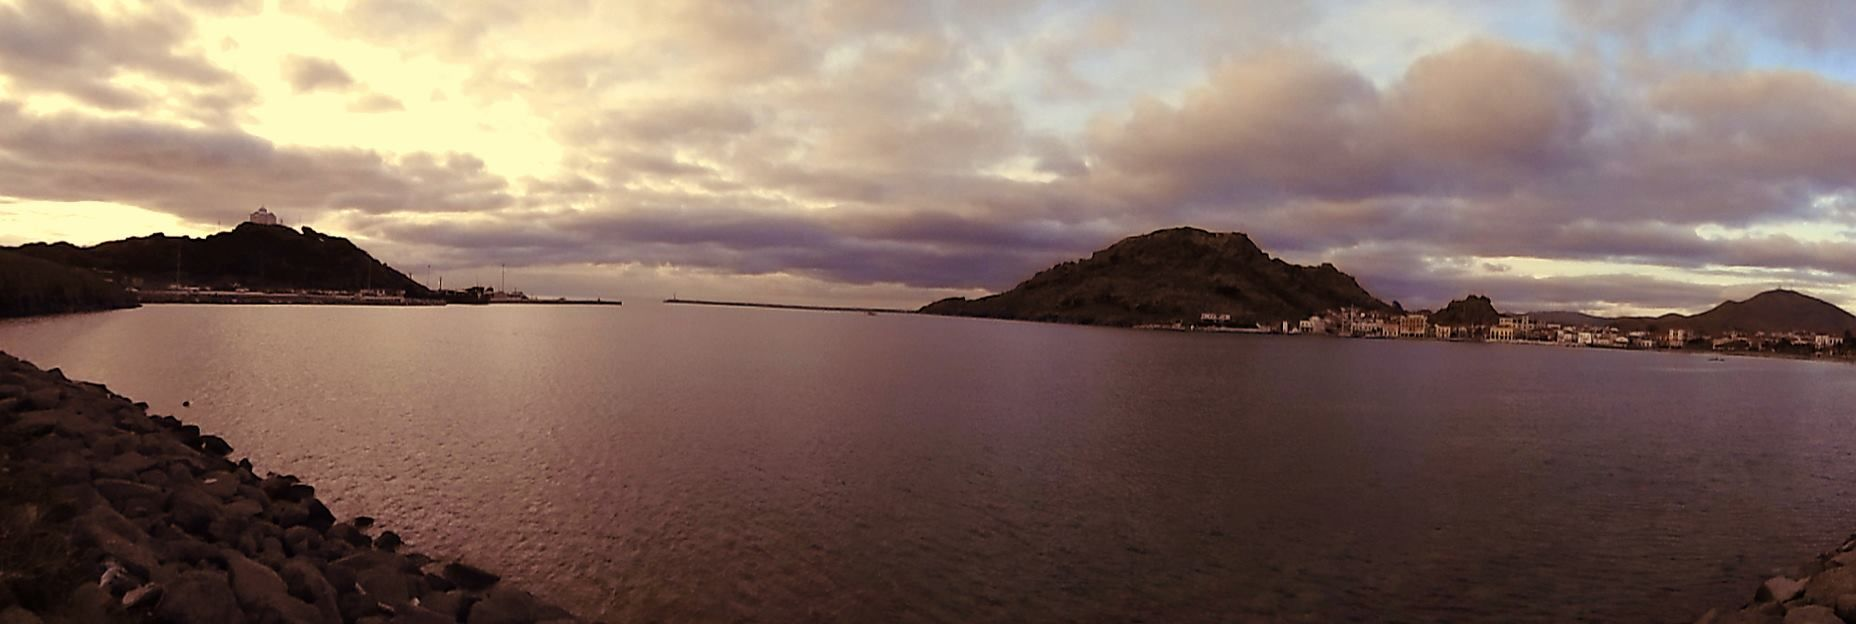 Ηλιοβασίλεμα Μύρινας Λήμνου - Sunset of Myrina Lemnos